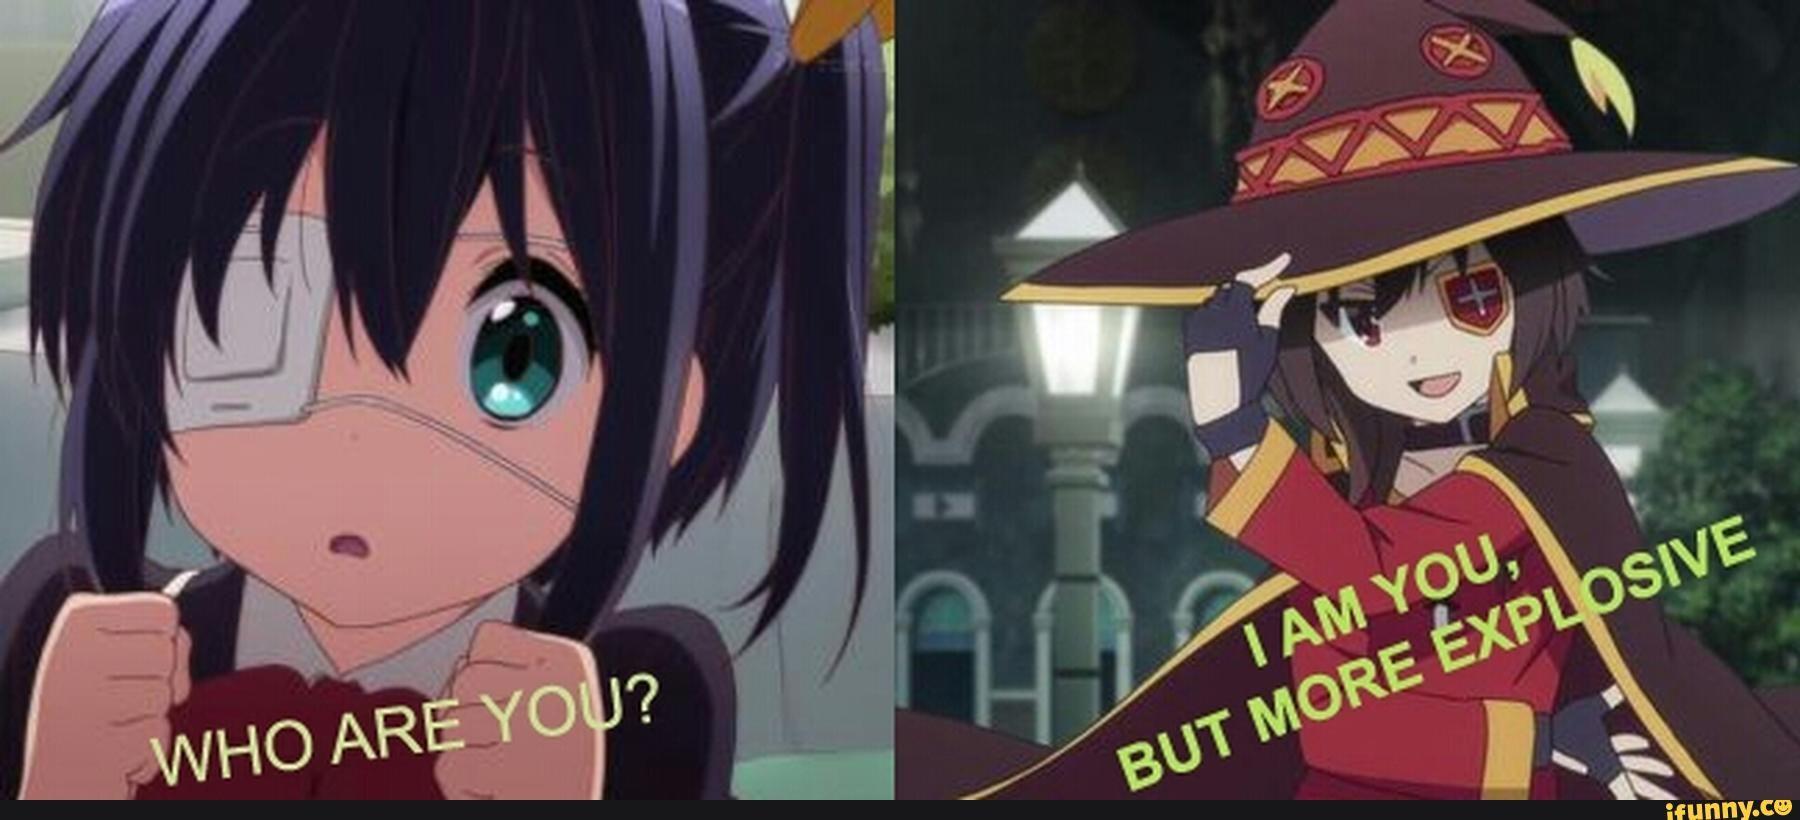 Konosuba ifunny memes anime anime quotes